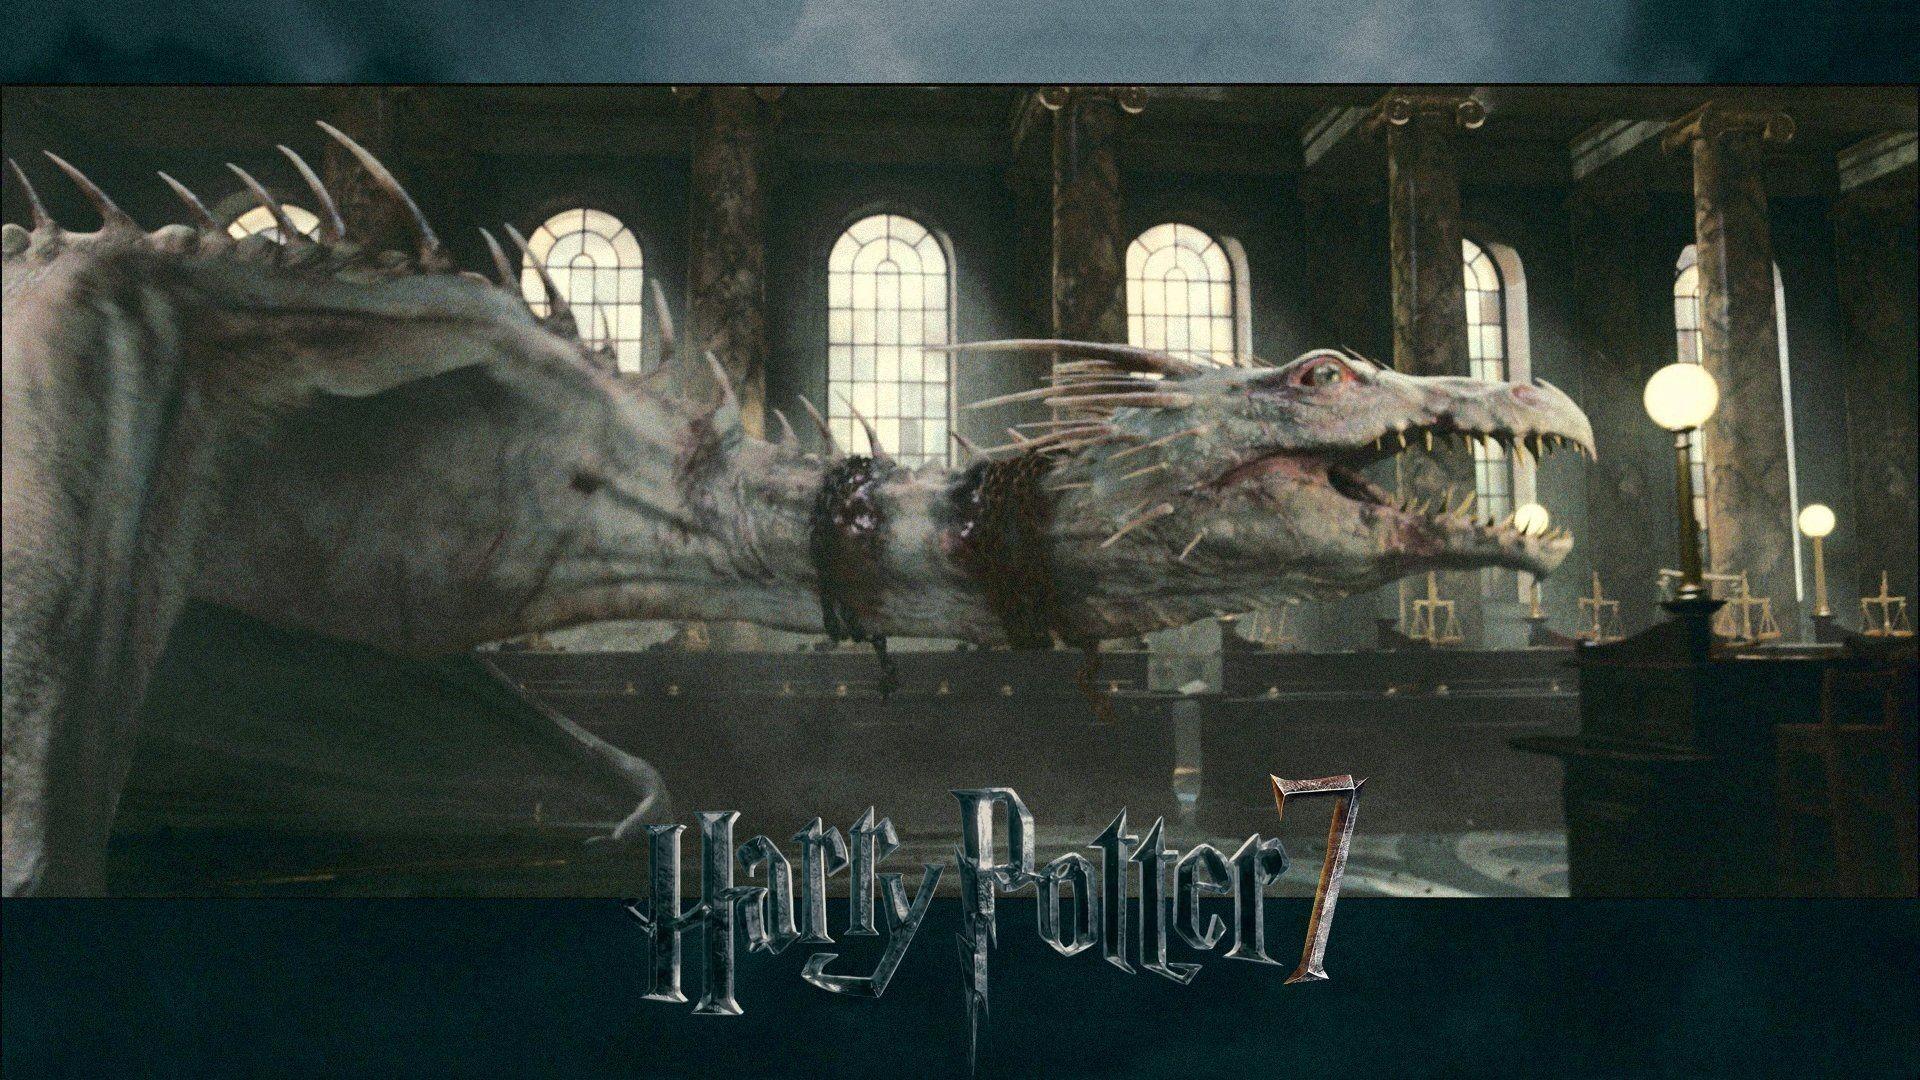 Harry potter wallpaper for desktop 72 images - Harry potter images download ...